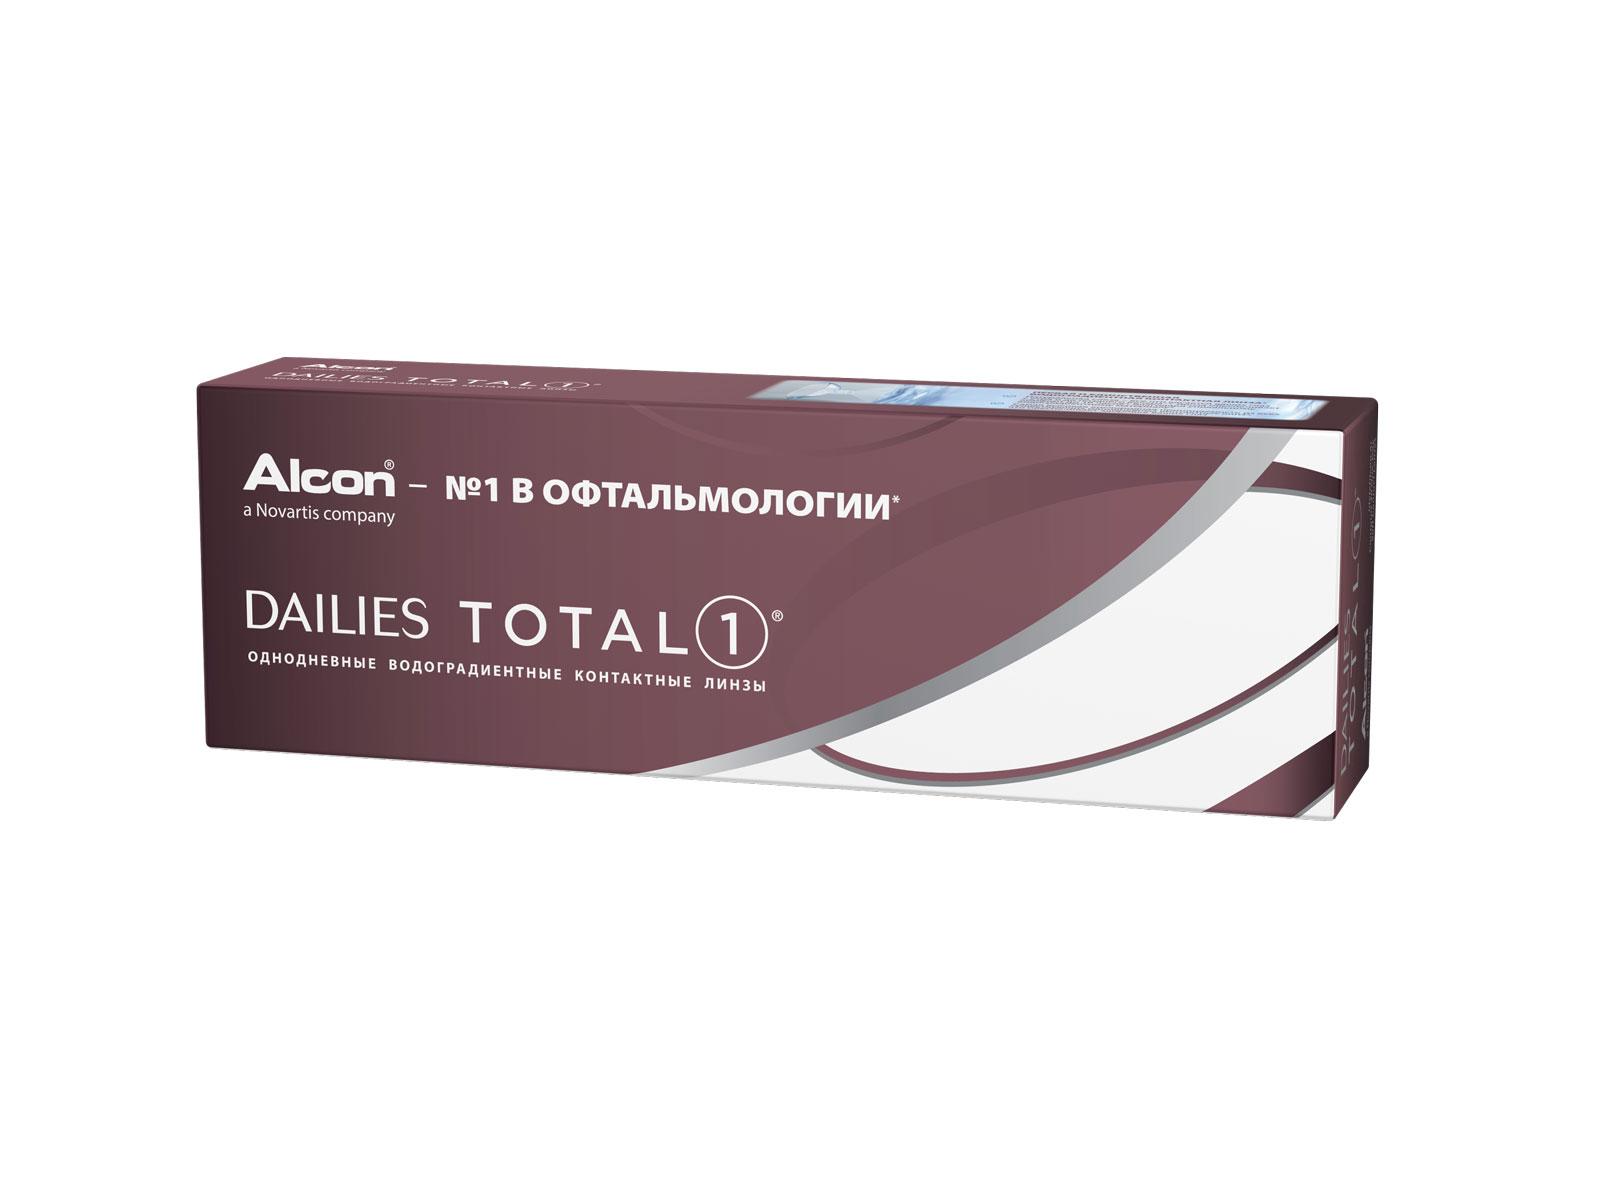 Alcon контактные линзы Dailies Total 1 30pk /-2.00 / 8.5 / 14.1100039922Dailies Total 1 – линзы, которые не чувствуешь с утра и до поздного вечера. Эти однодневные контактные линзы выполнены из уникального водоградиентного материала, багодаря которому натуральная слеза – это все, что касается ваших глаз. Почти 100% влаги на поверхности обеспечивают непревзойденный комфорт до 16 часов ношения.